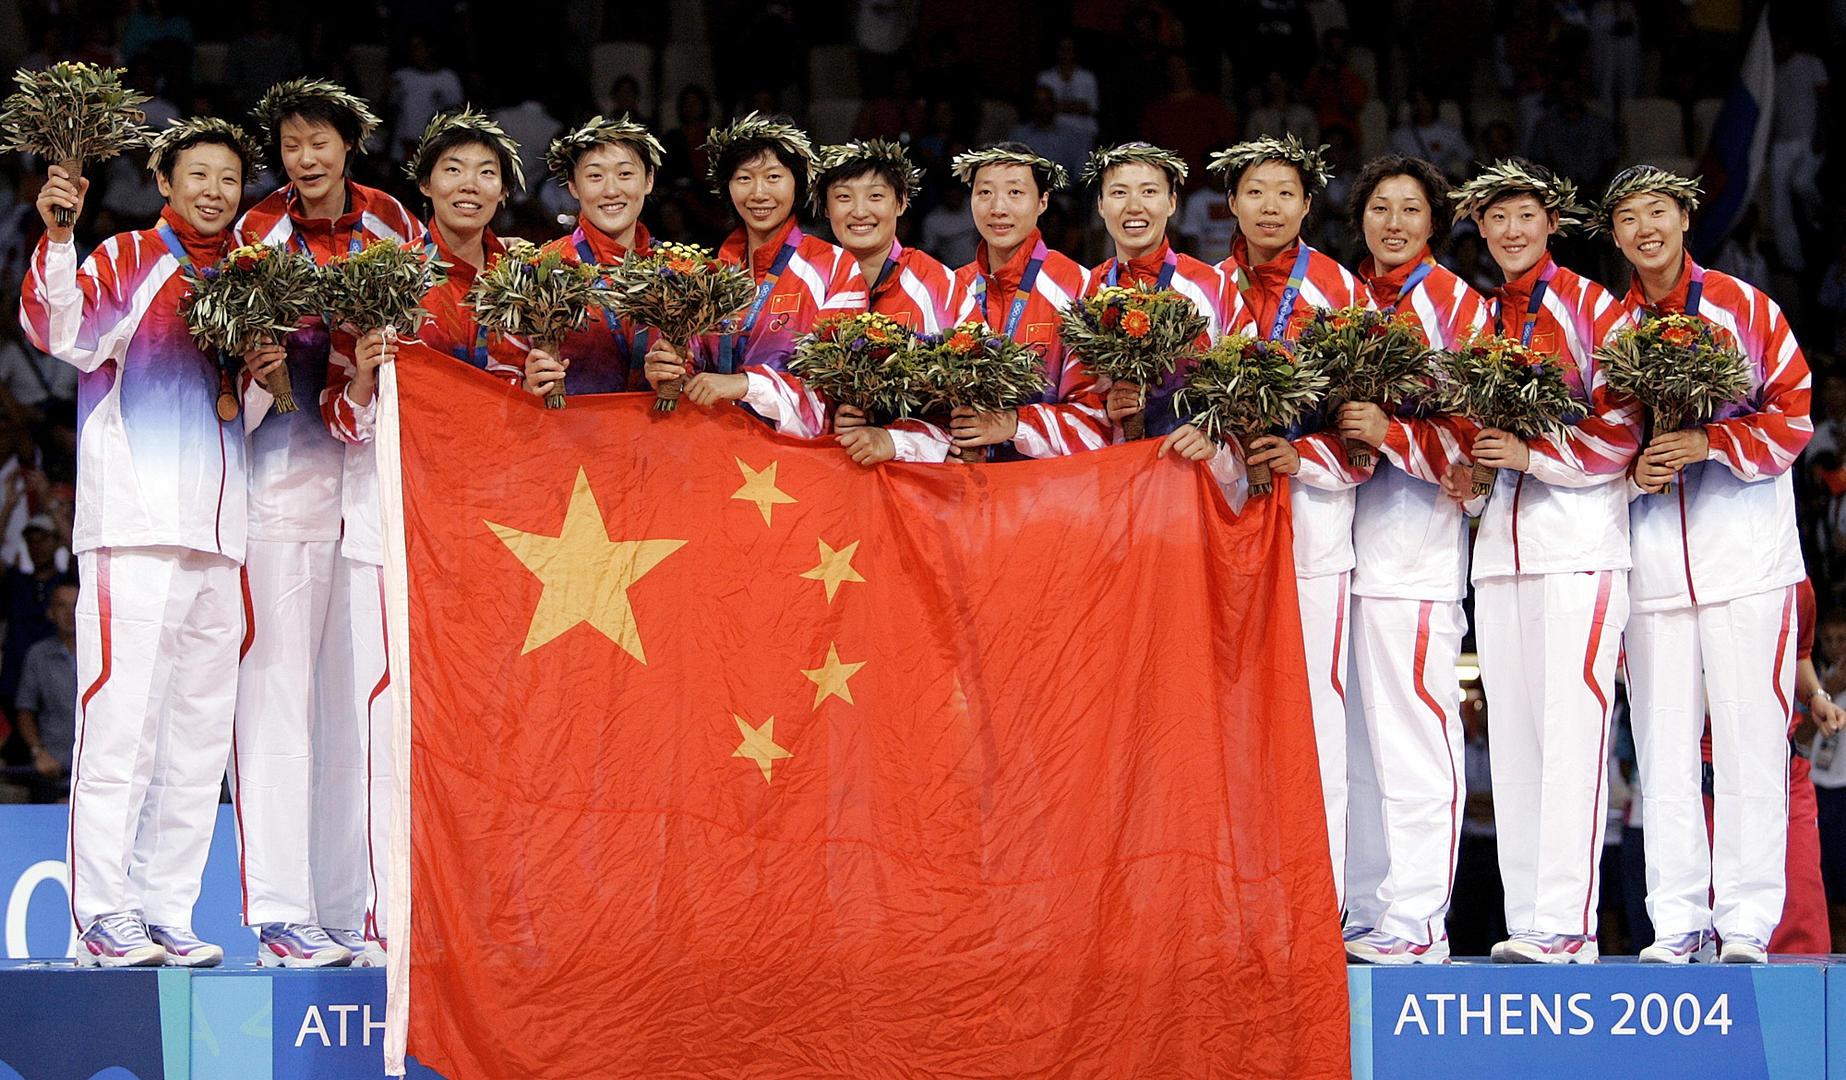 女排精神 奥运冠军陈静:那种代代相传的拼搏与信念,永远年轻、永不过时